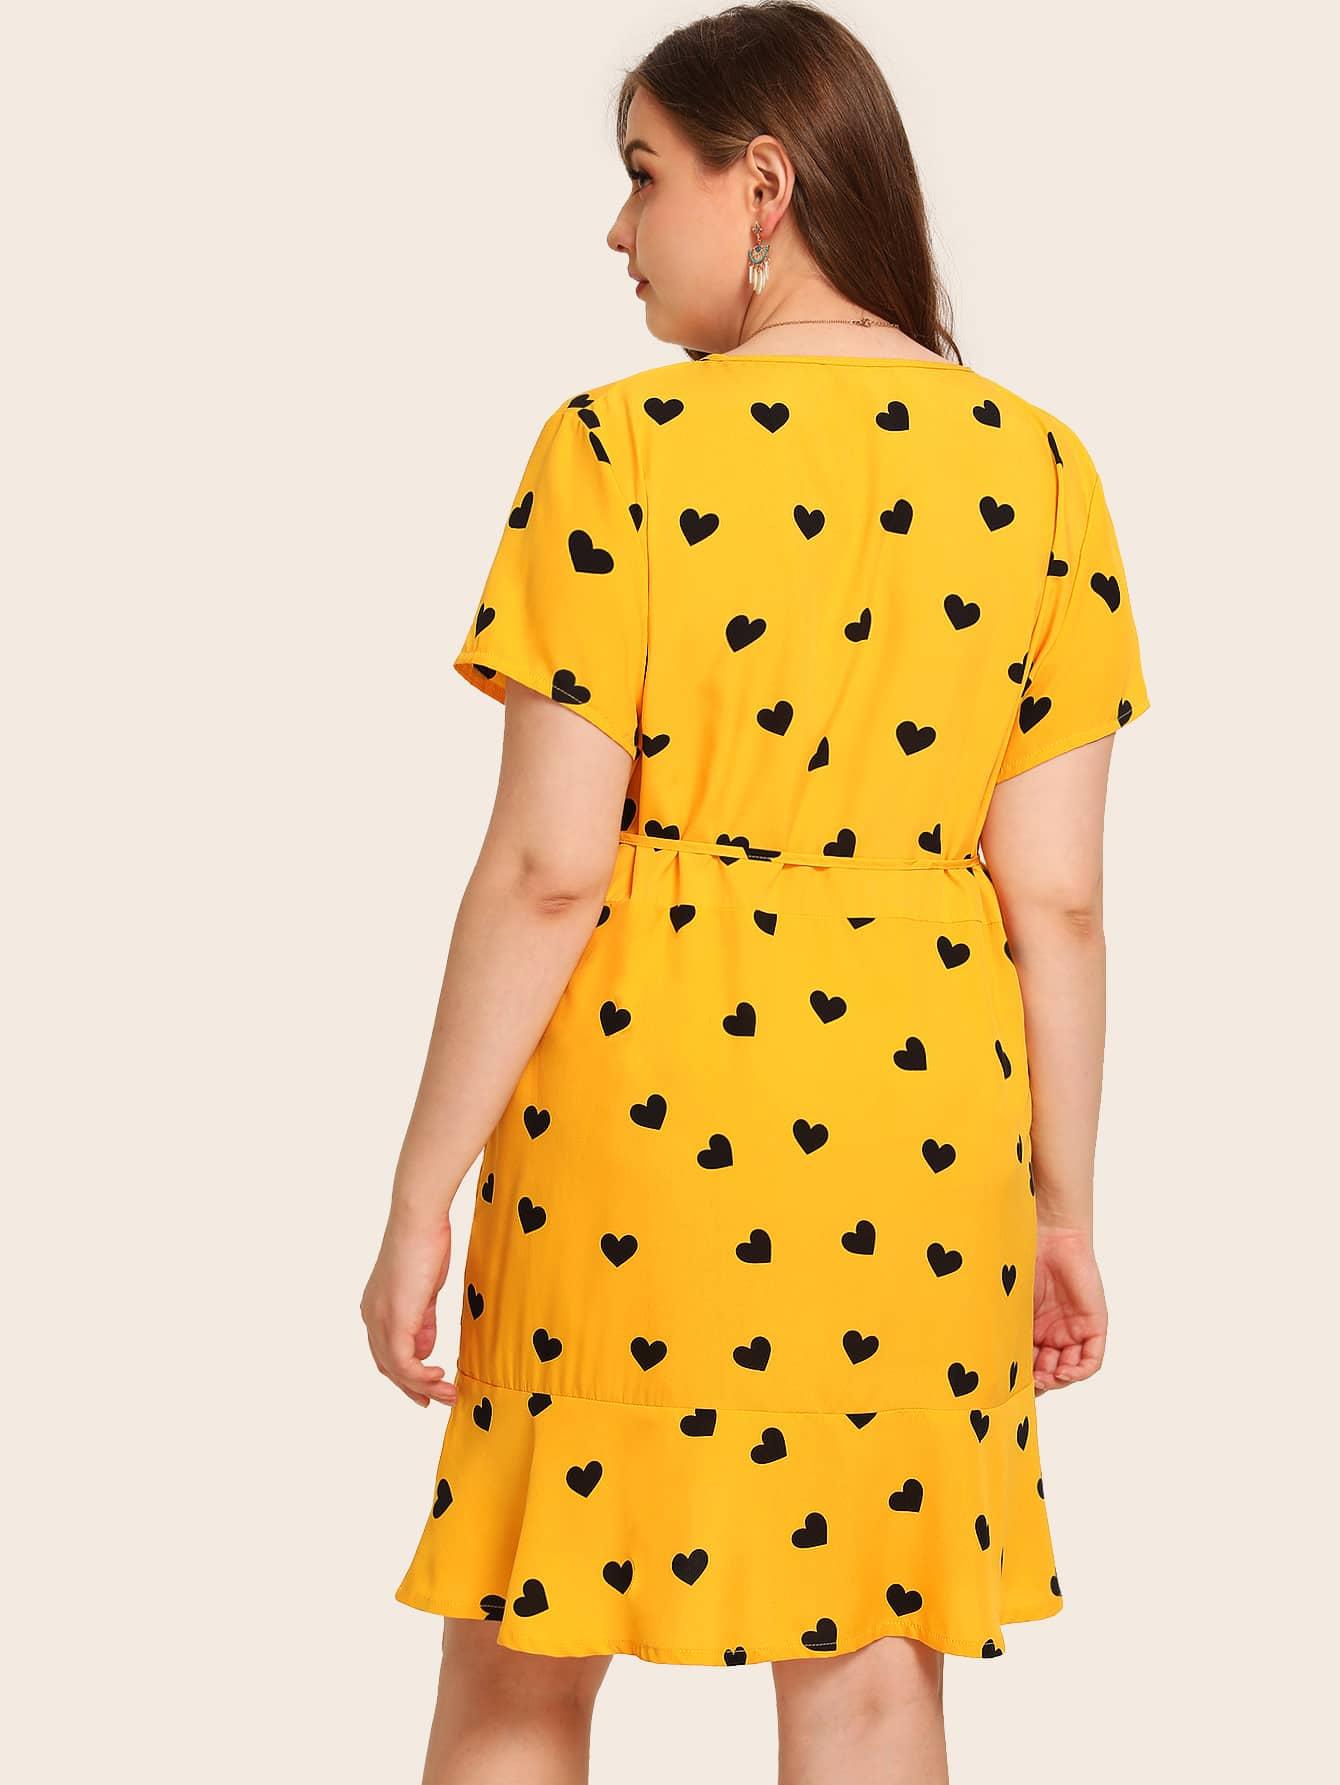 Übergroßes Kleid mit Herz Muster, Raffung und Gürtel | SHEIN